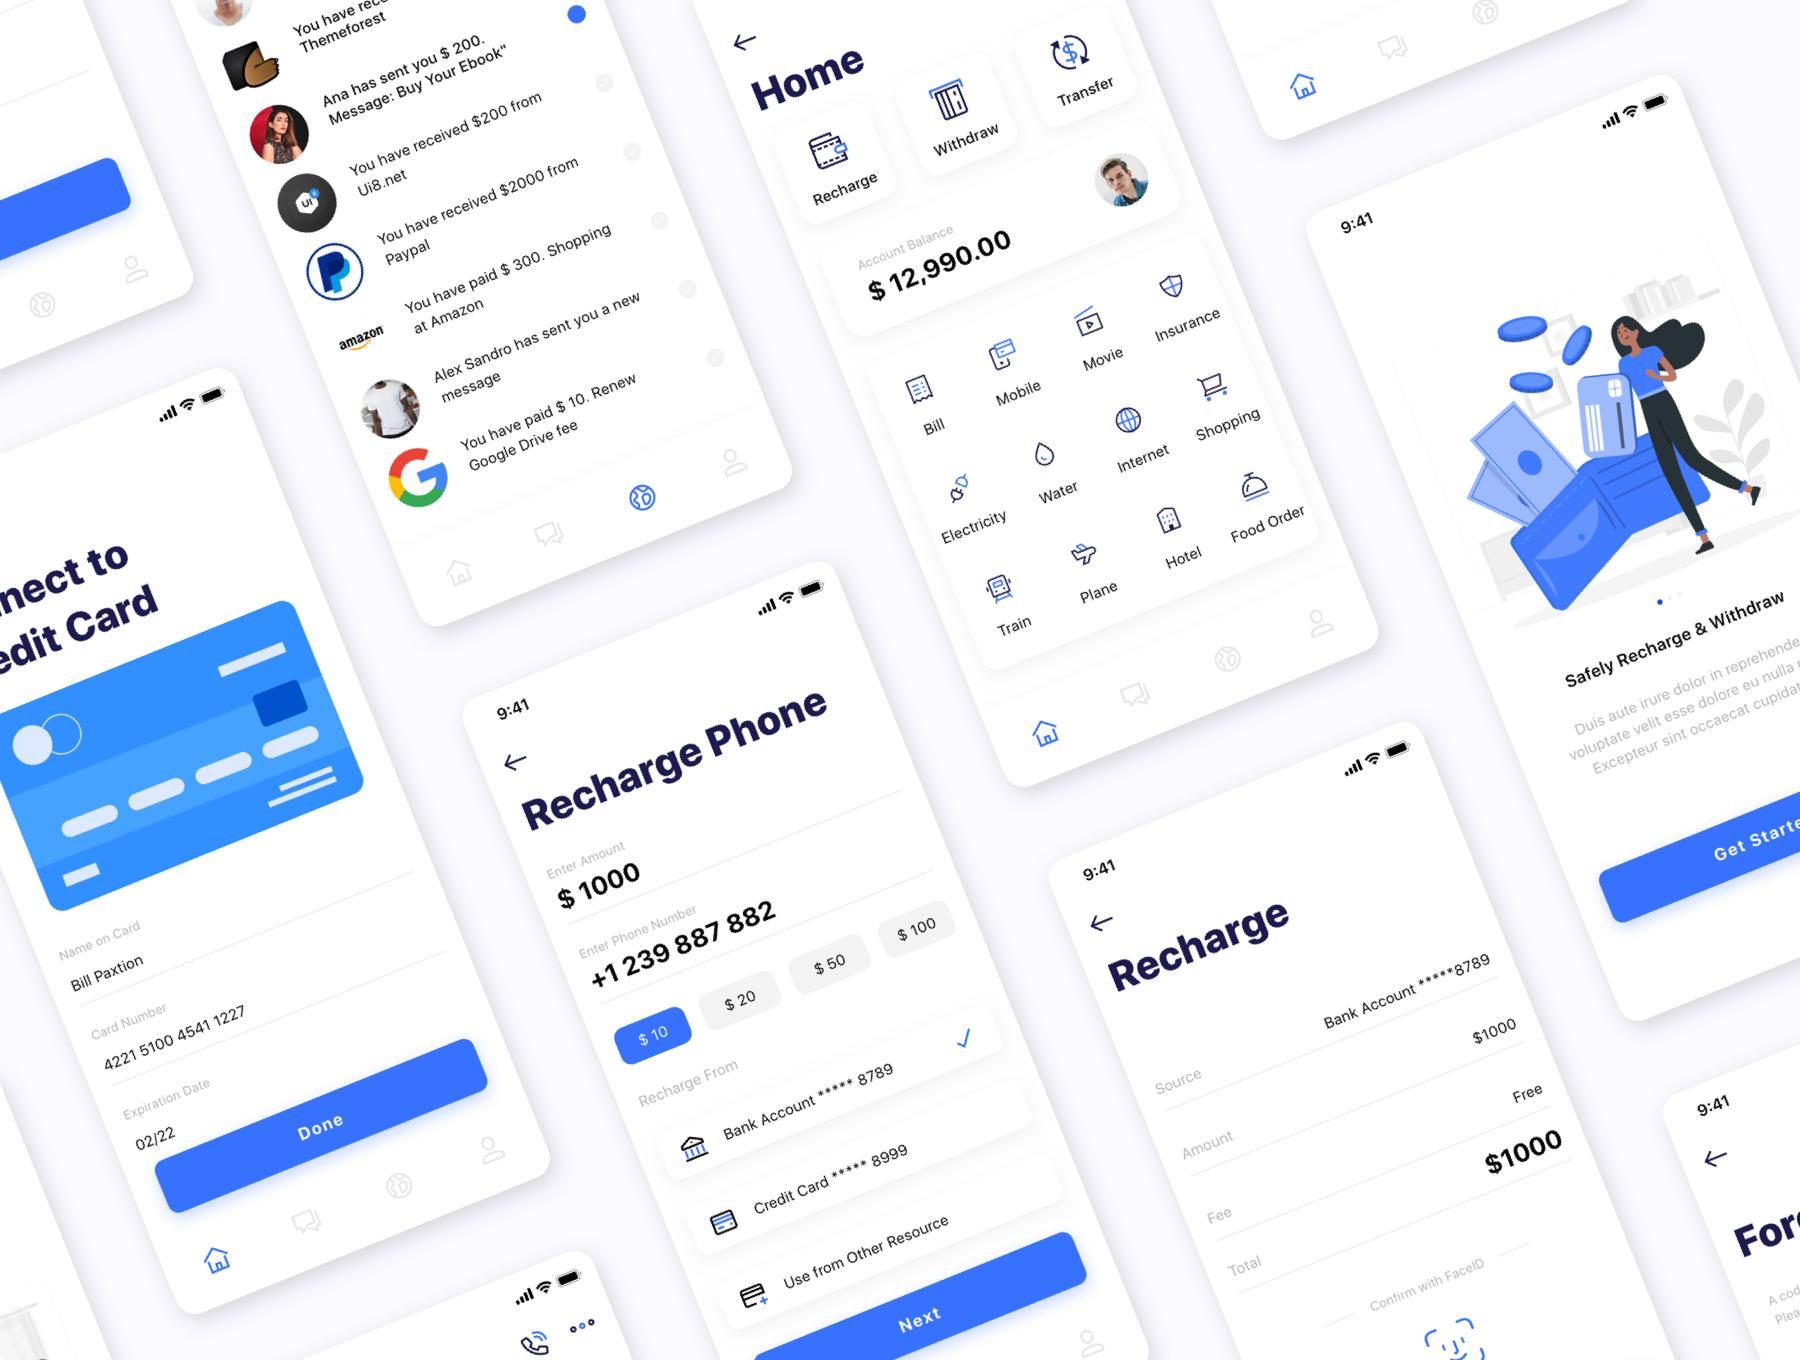 银行金融电子钱包应用APP UI套件 Kard | e-Wallet App Ui Kit插图(4)